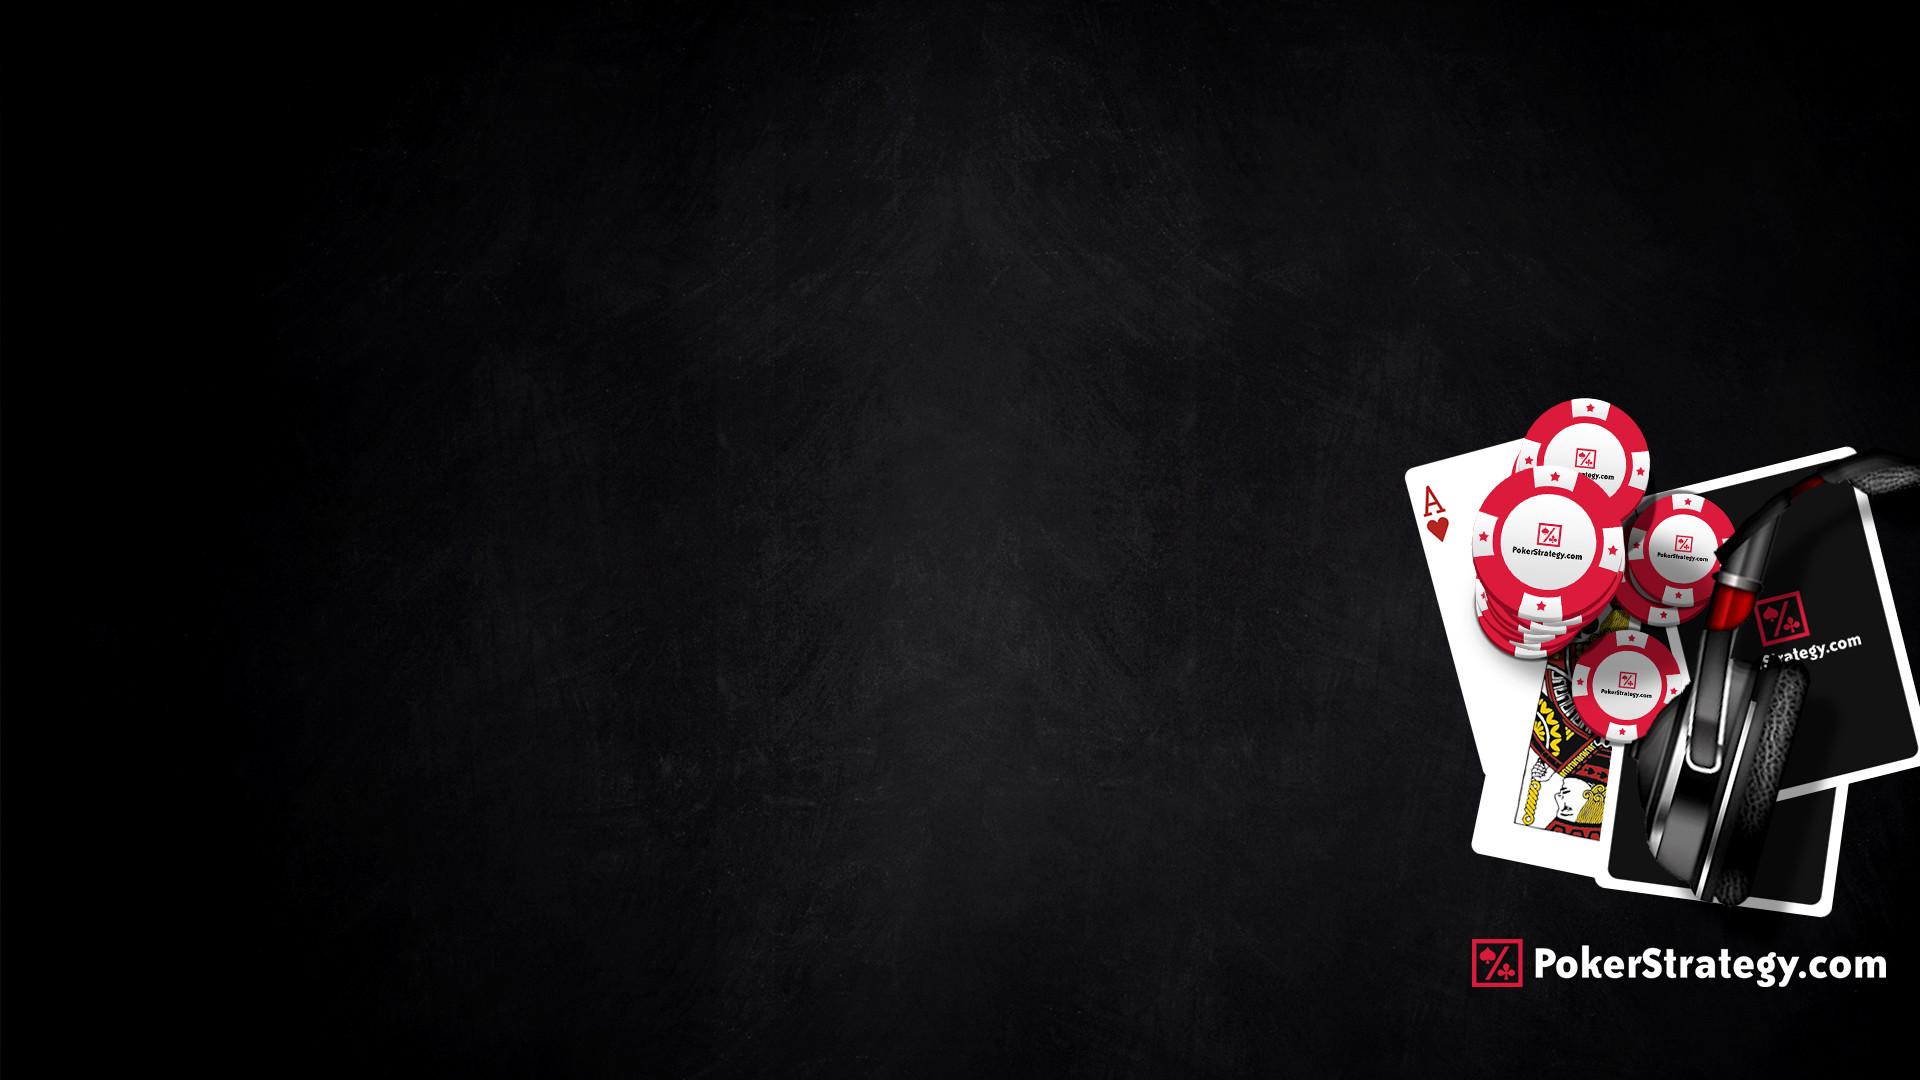 Res: 1920x1080, Zum Downloaden auf das Bild klicken Poker-Wallpaper